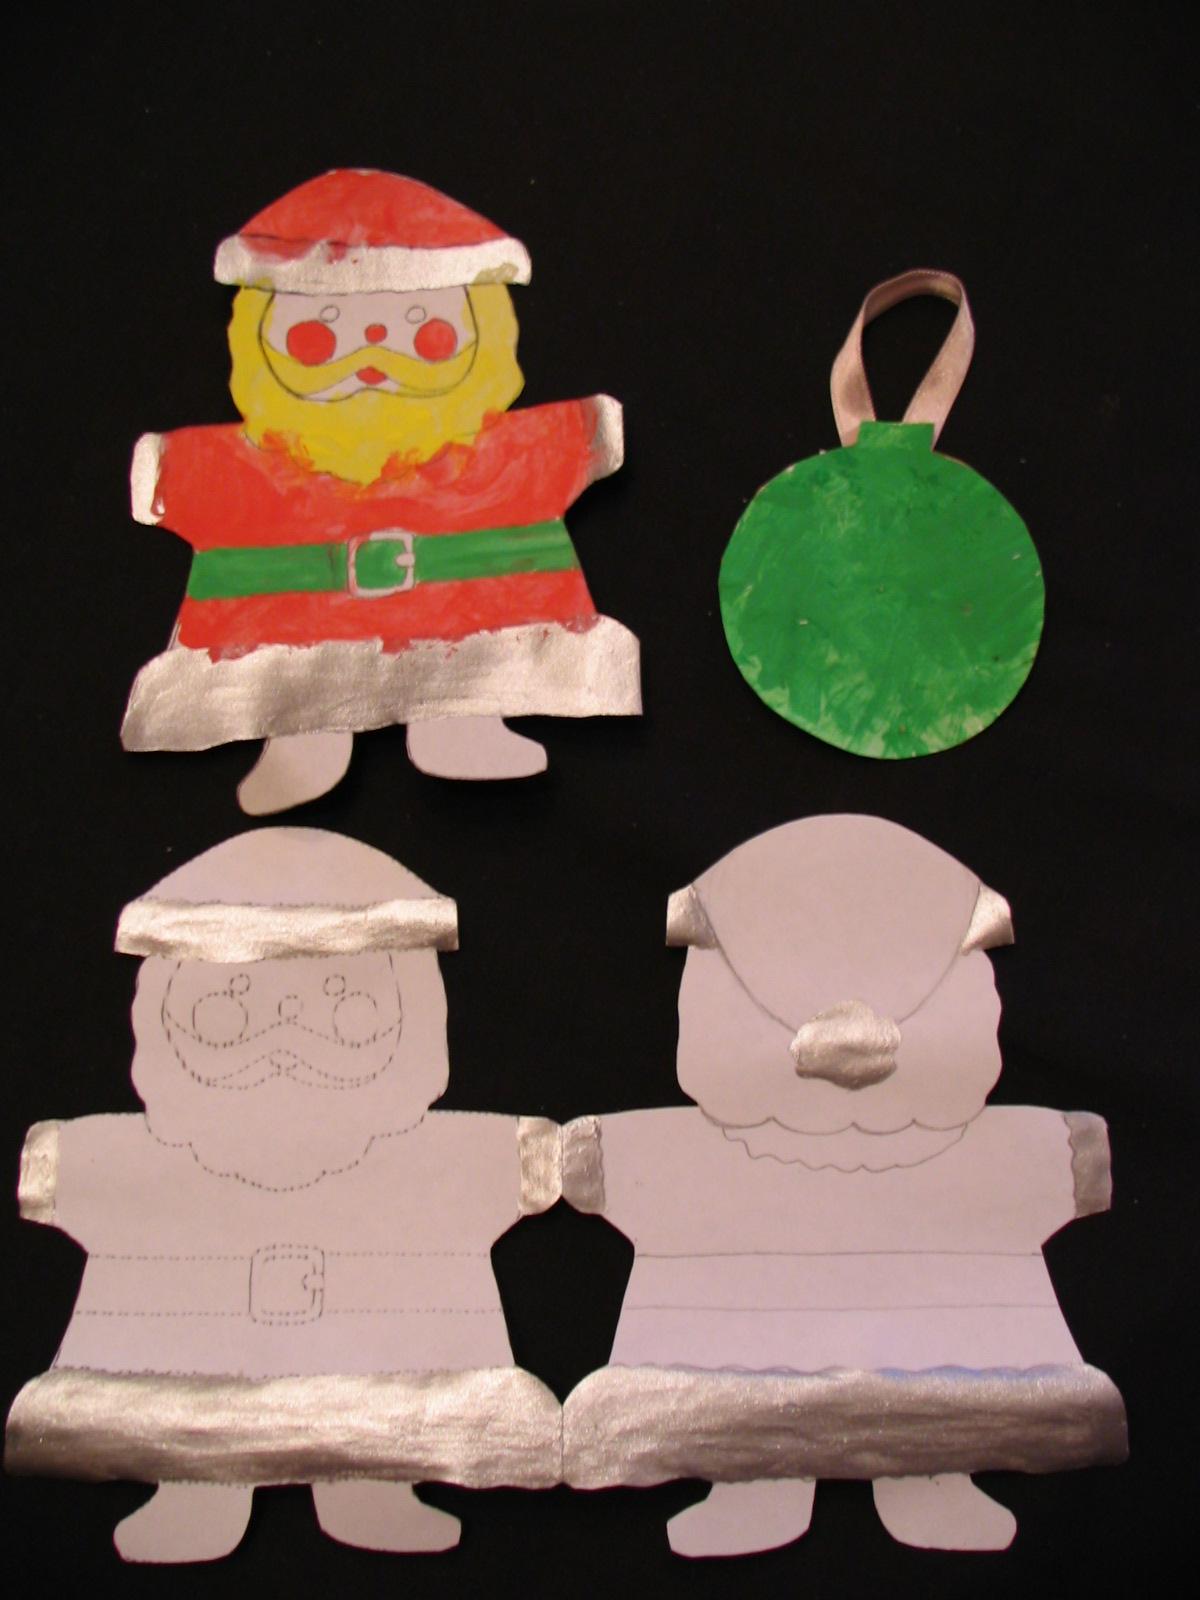 Заготовки для новогодних Дед Морозов и новогодней открытки. Самодельные игрушки